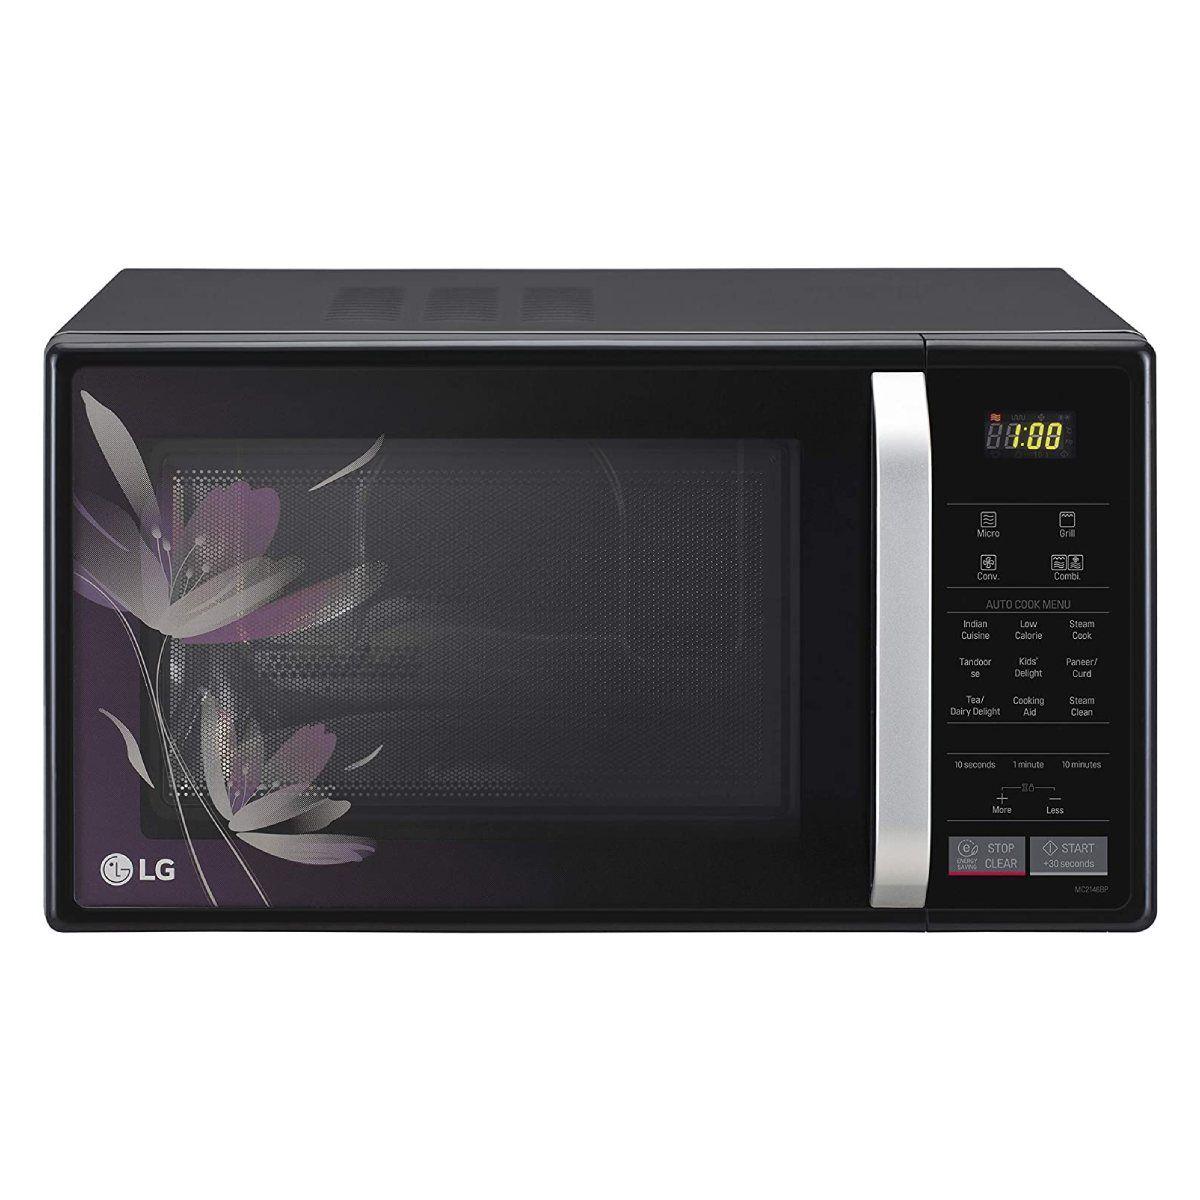 एलजी MC2146BP 21 L Convection Microwave Oven